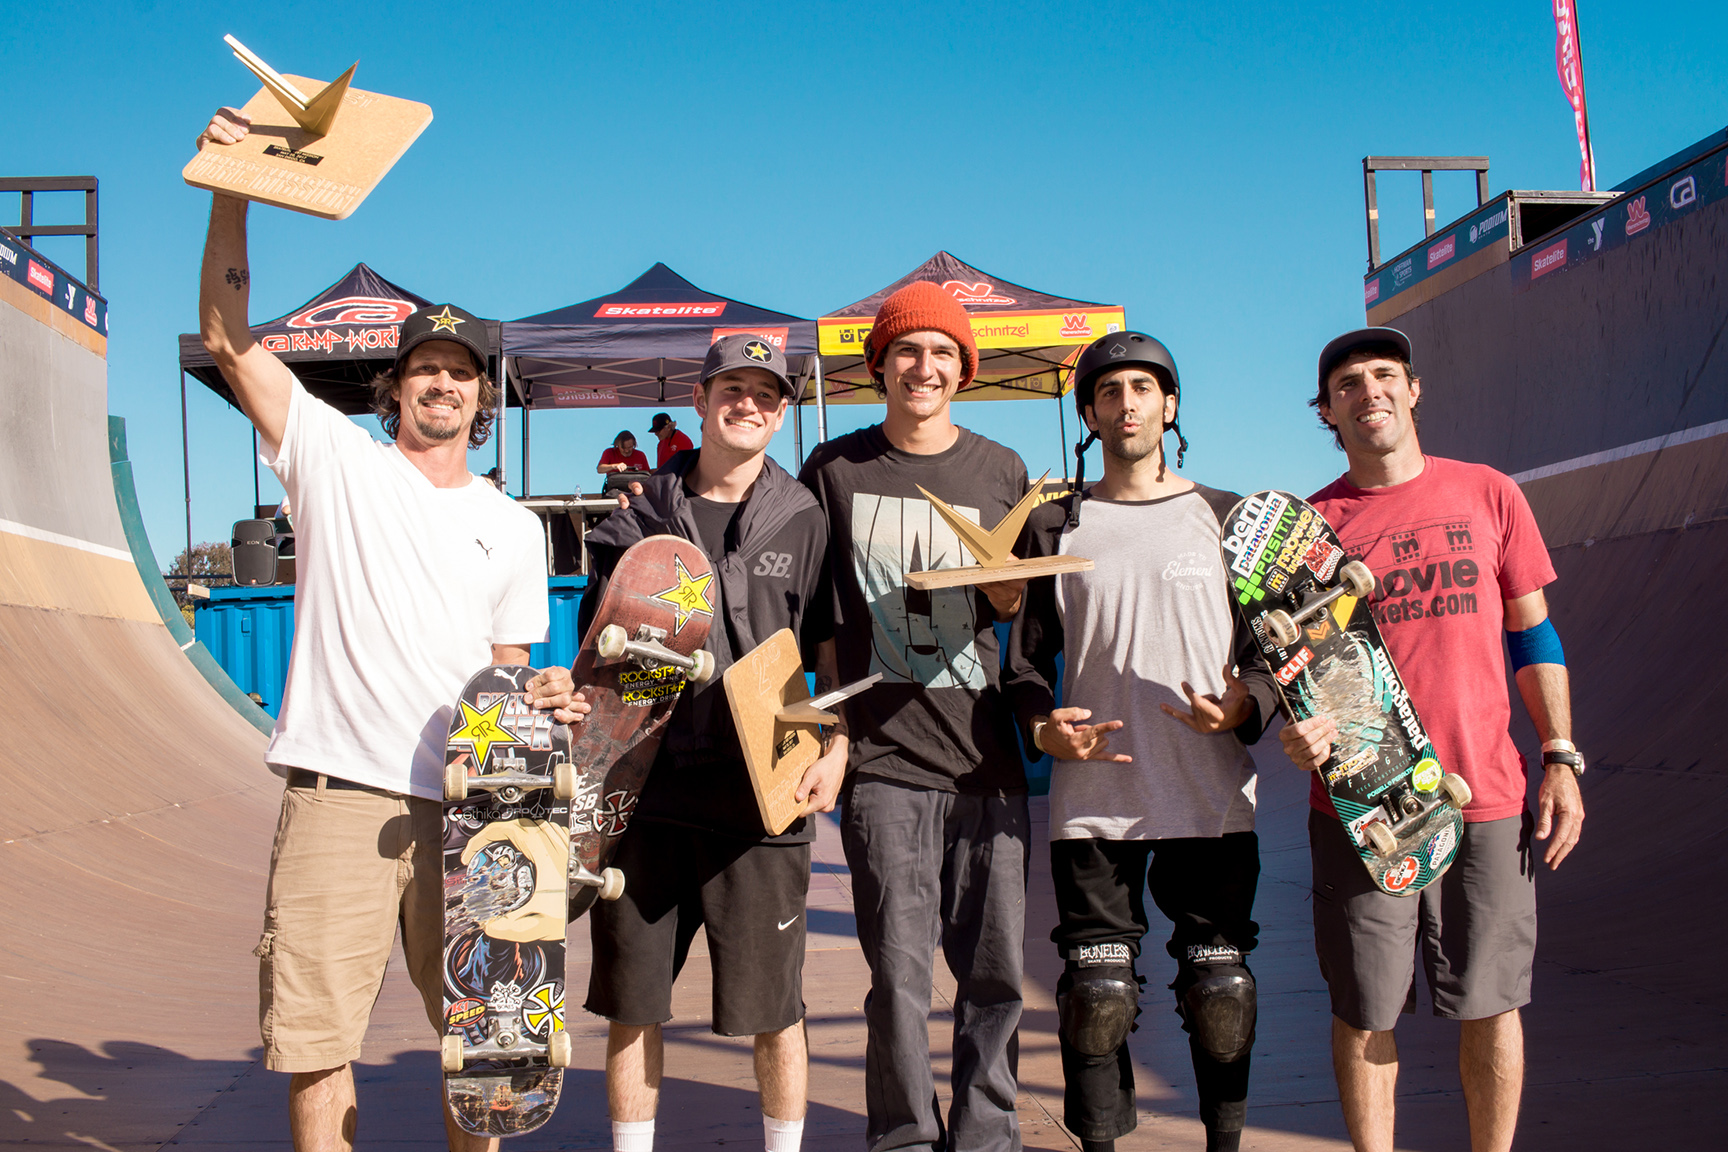 Skate winners